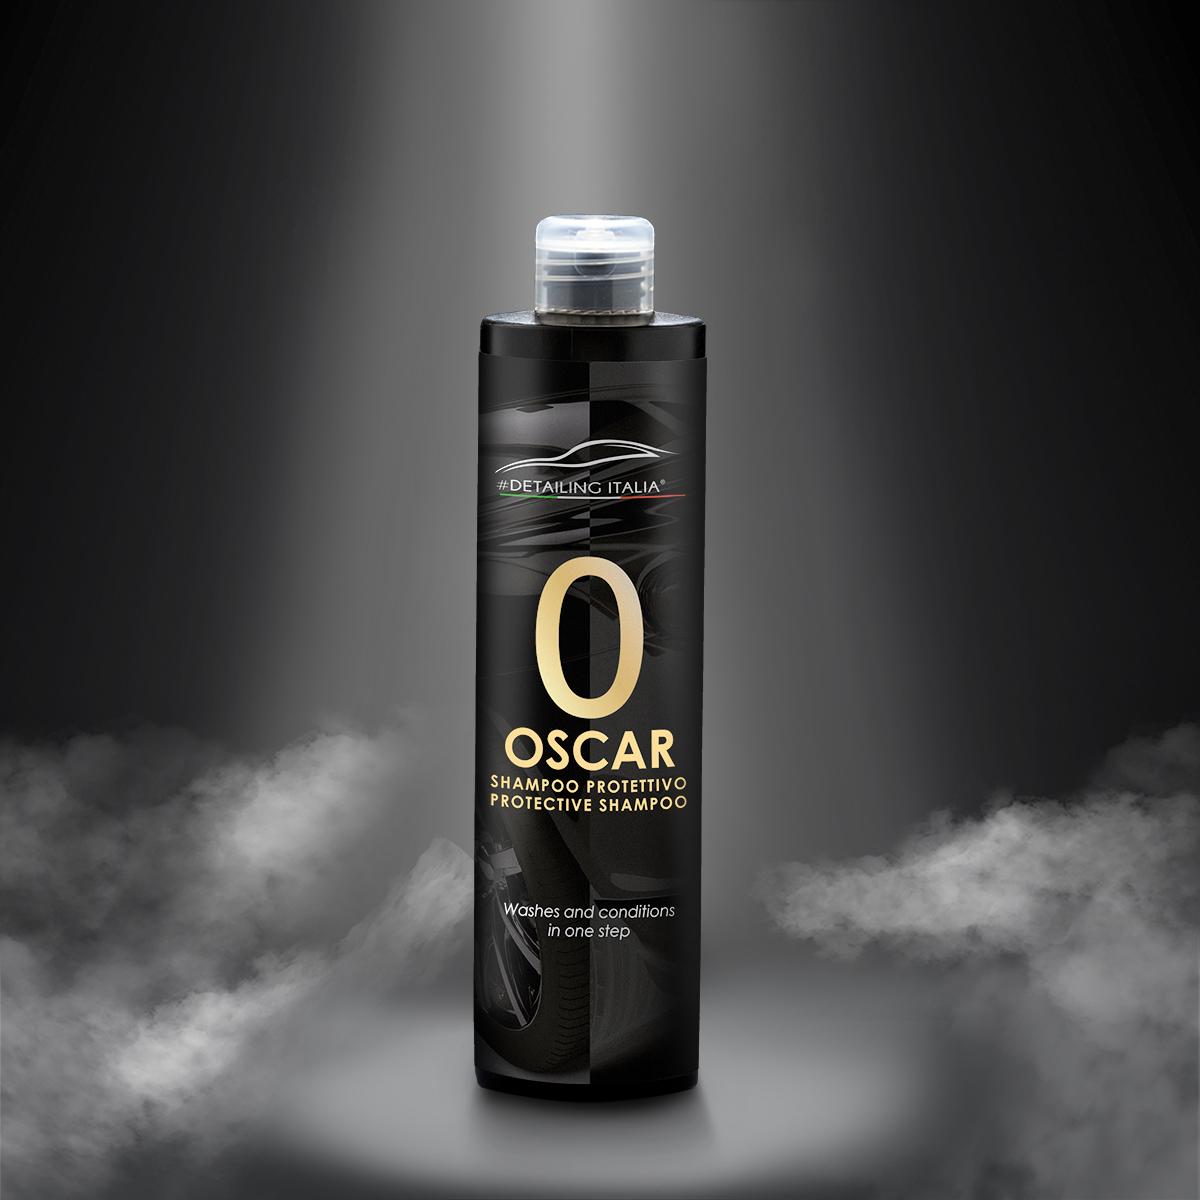 OSCAR - Shampoo Auto Protettivo